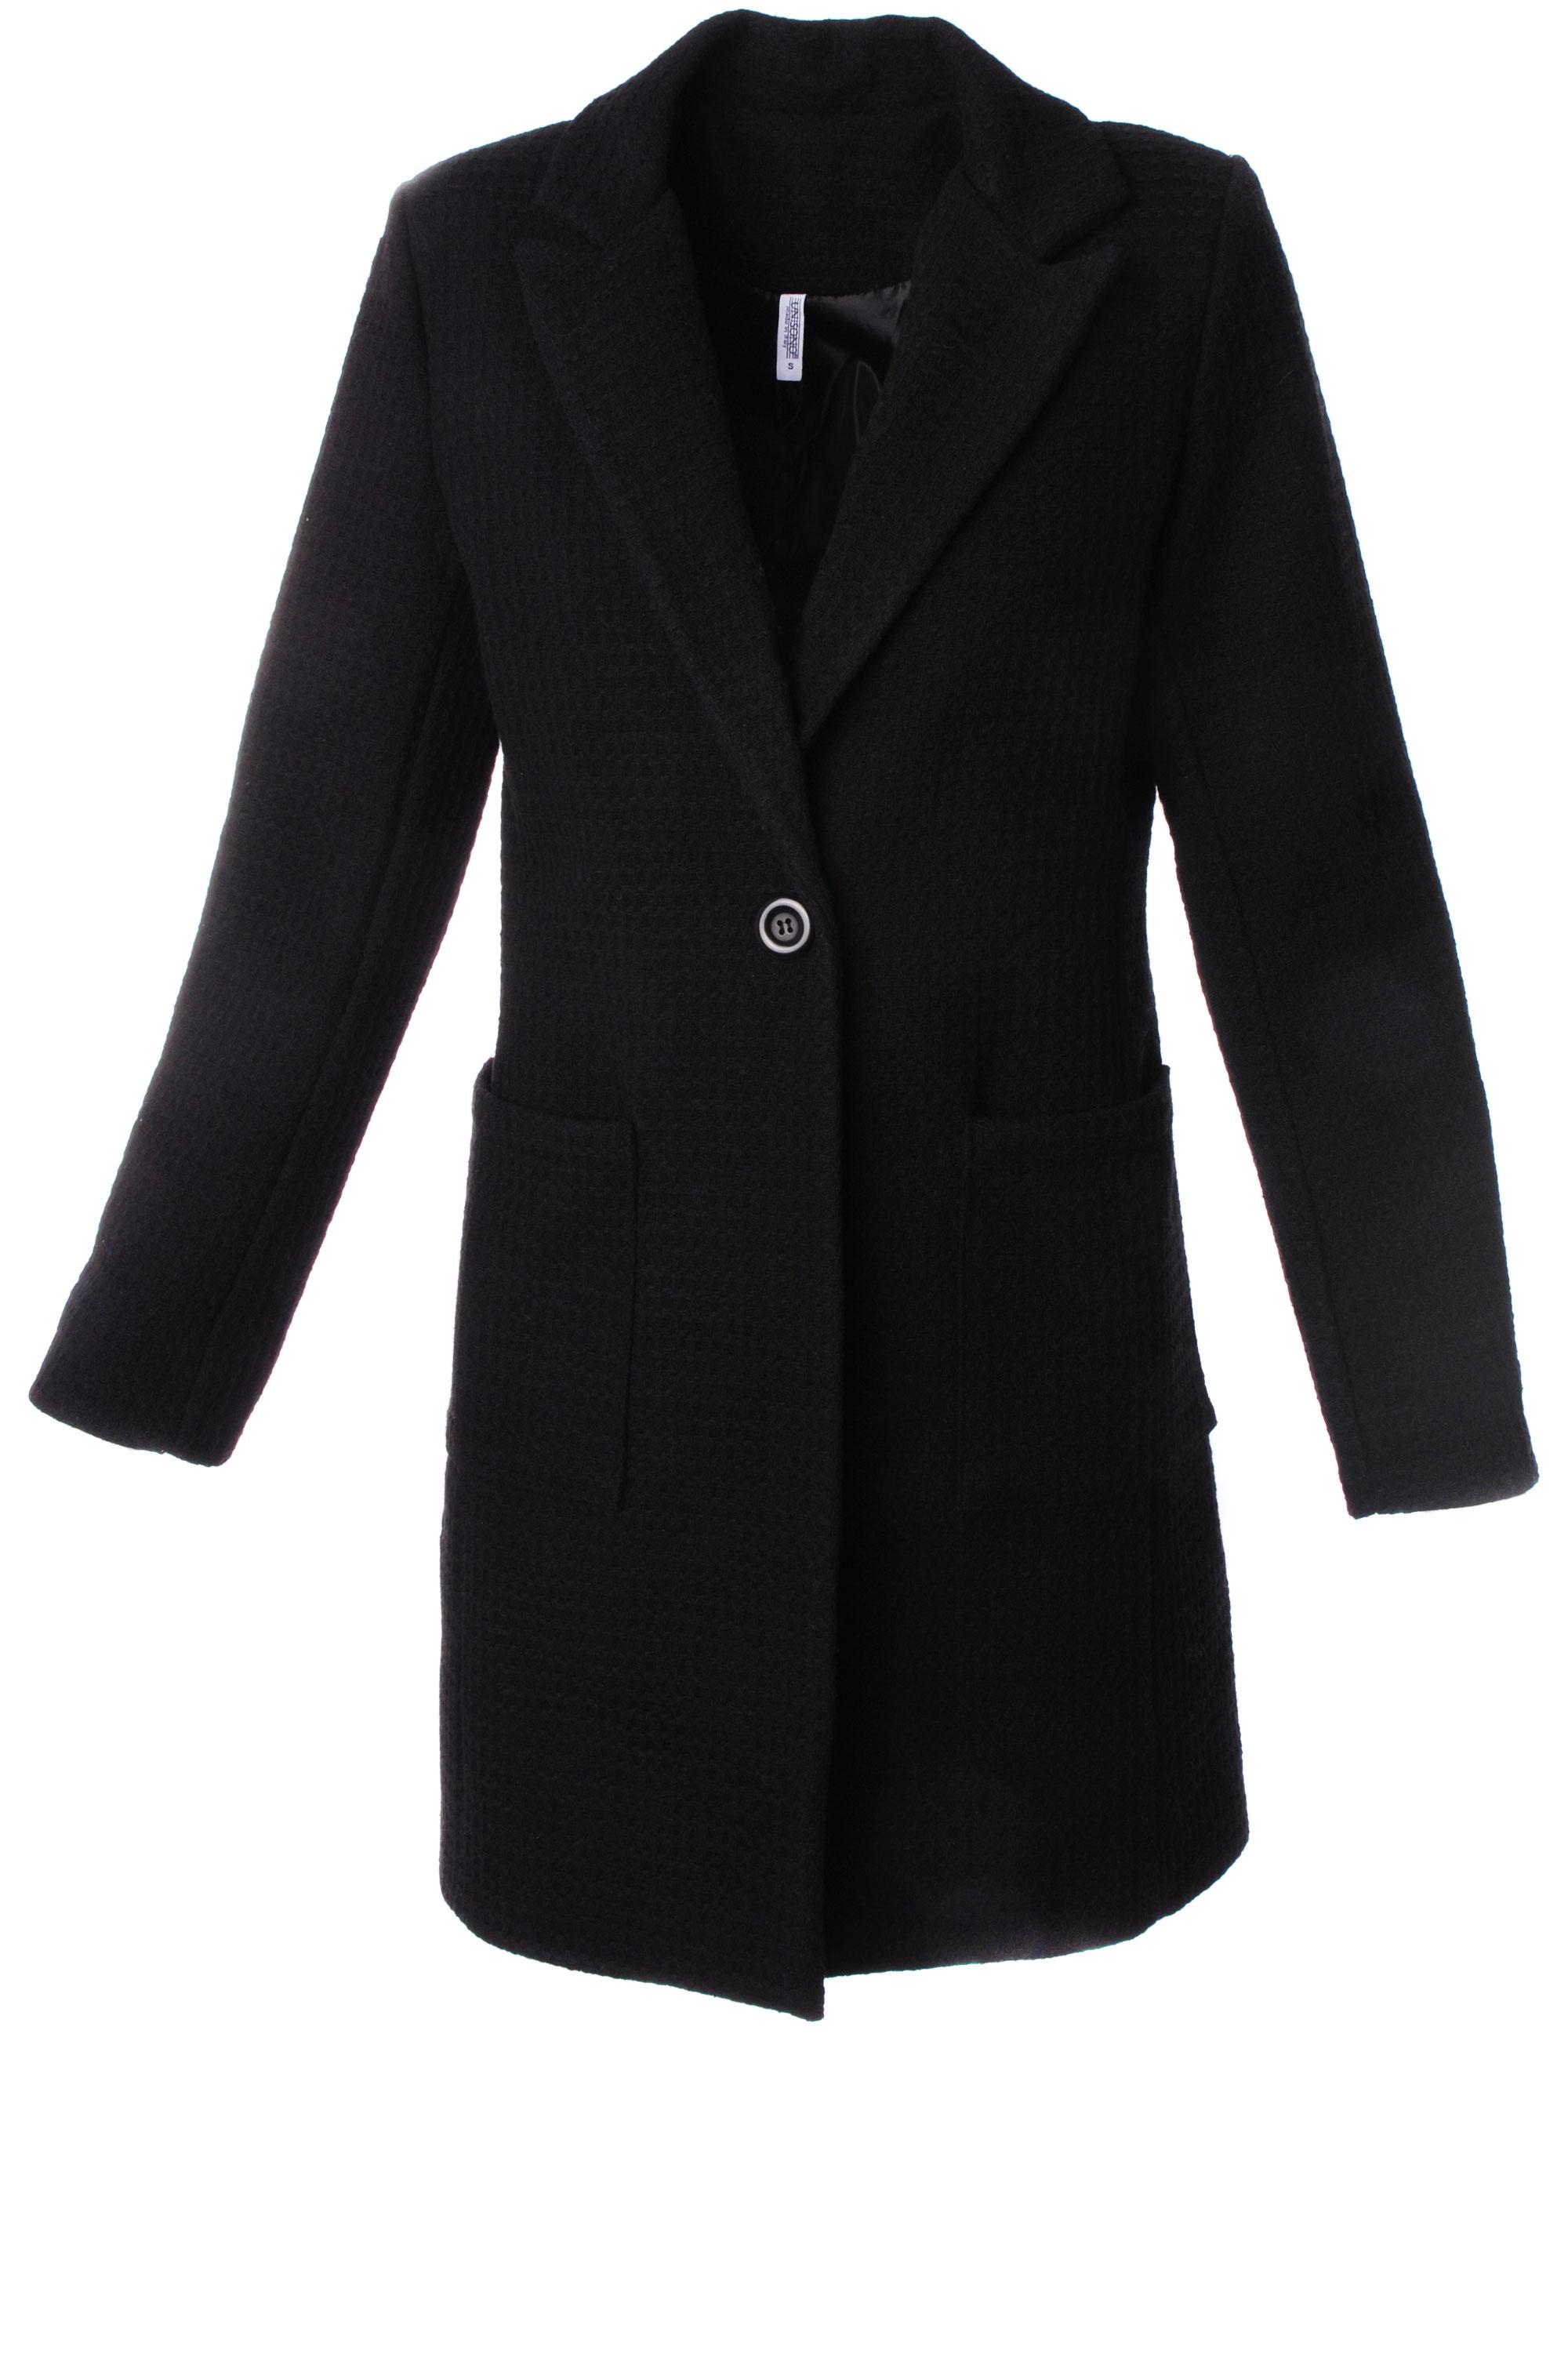 Płaszcz materiałowy - 13-6541 NERO - Unisono